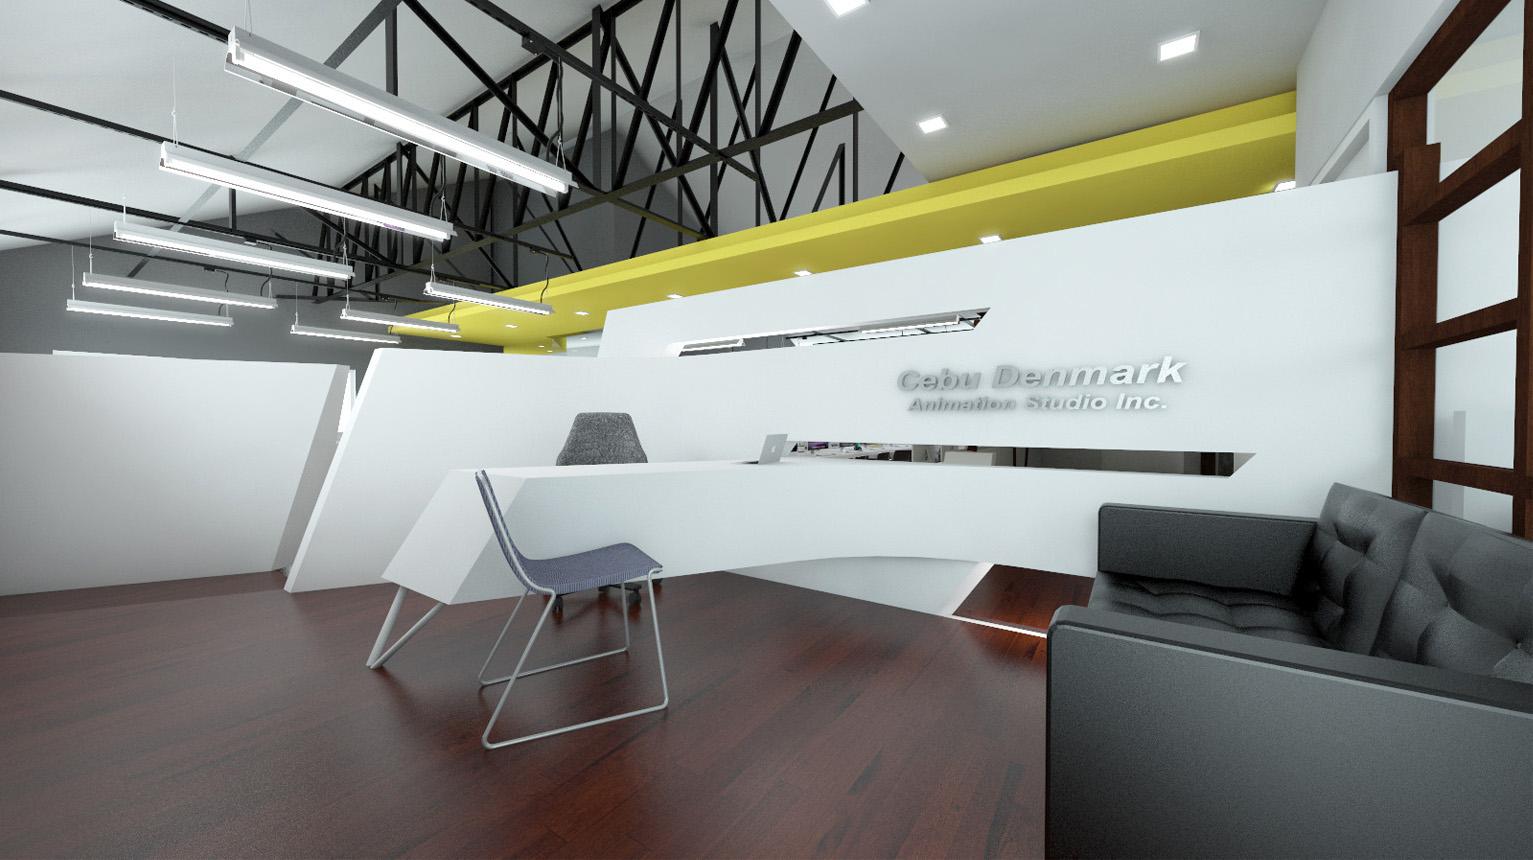 Cedasi office interior design art and architecture for It company interior